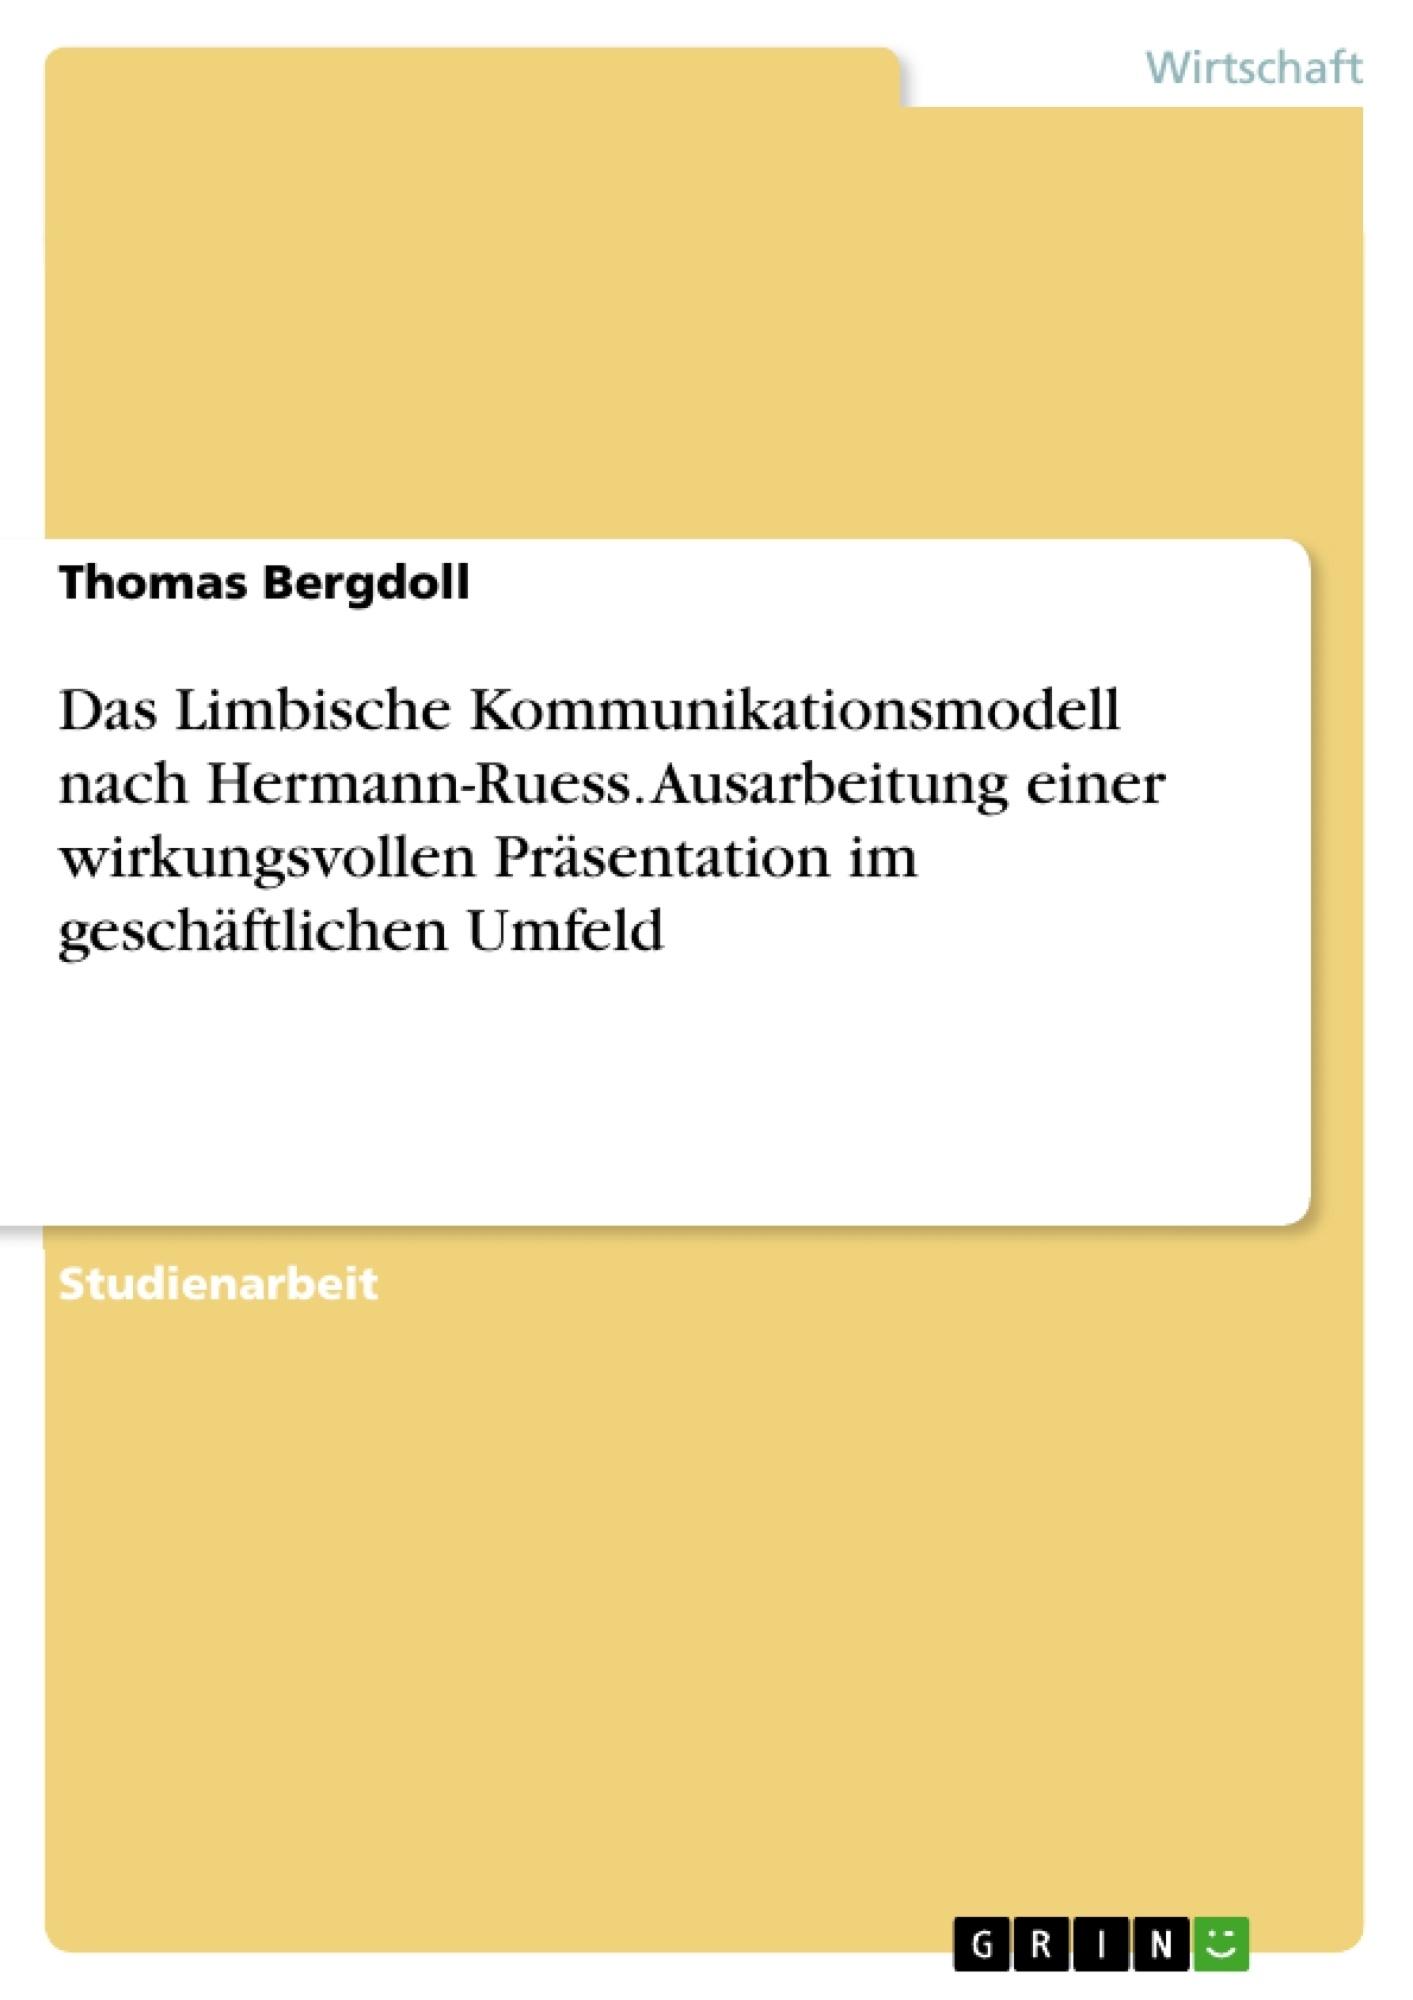 Titel: Das Limbische Kommunikationsmodell nach Hermann-Ruess. Ausarbeitung einer wirkungsvollen Präsentation im geschäftlichen Umfeld